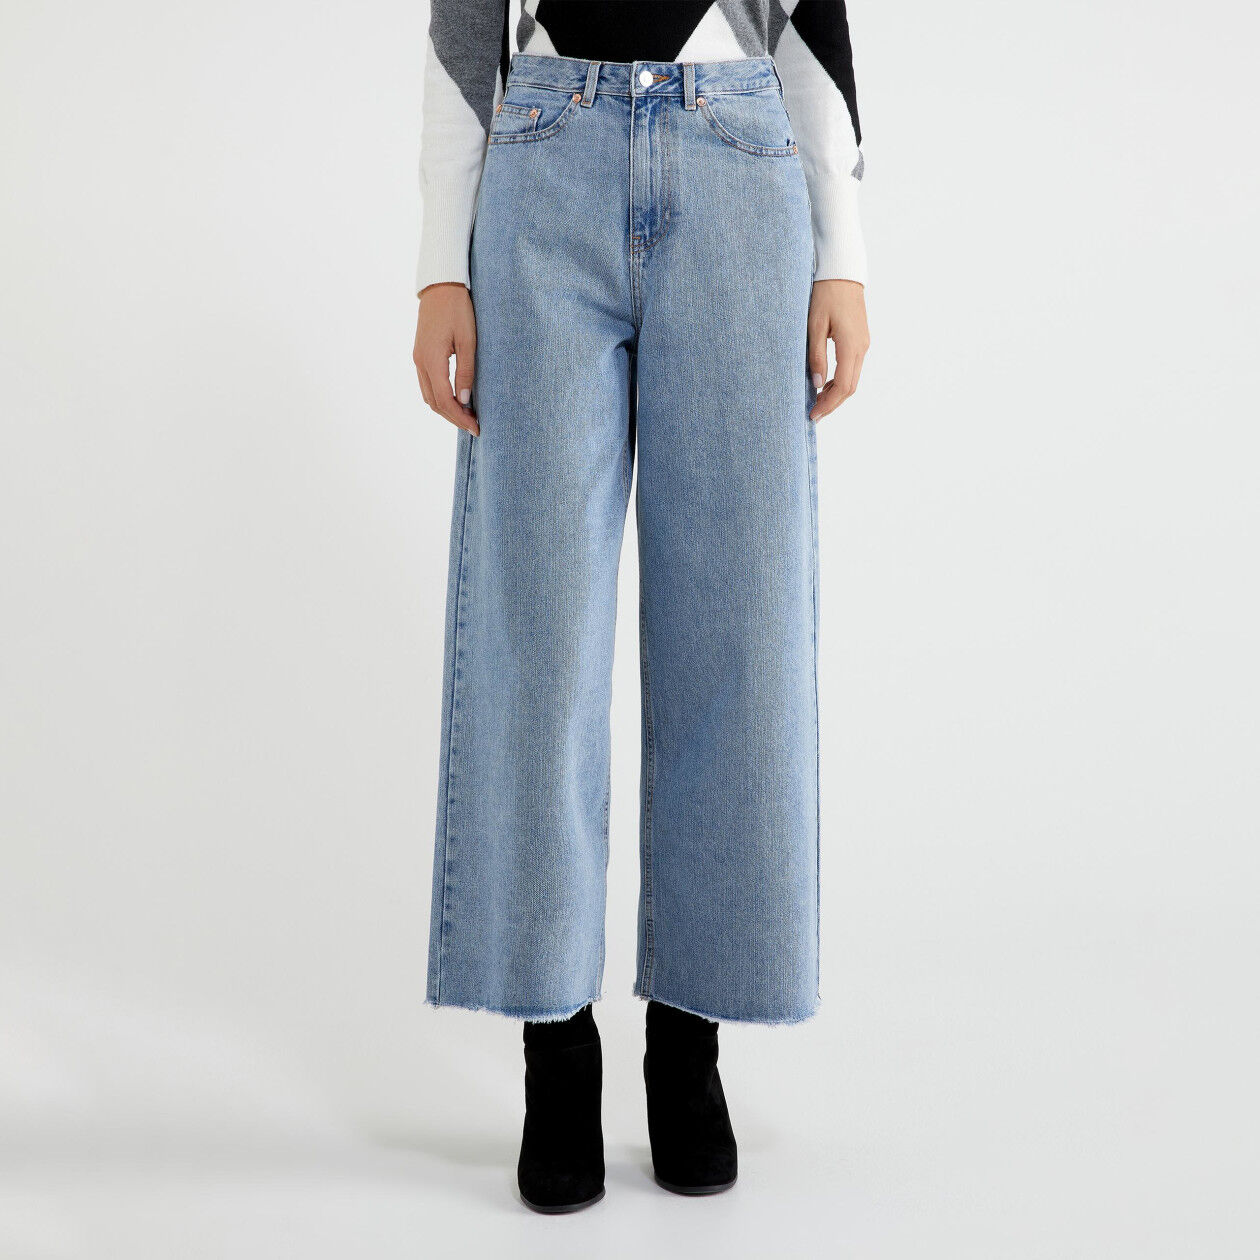 Mum fit jeans